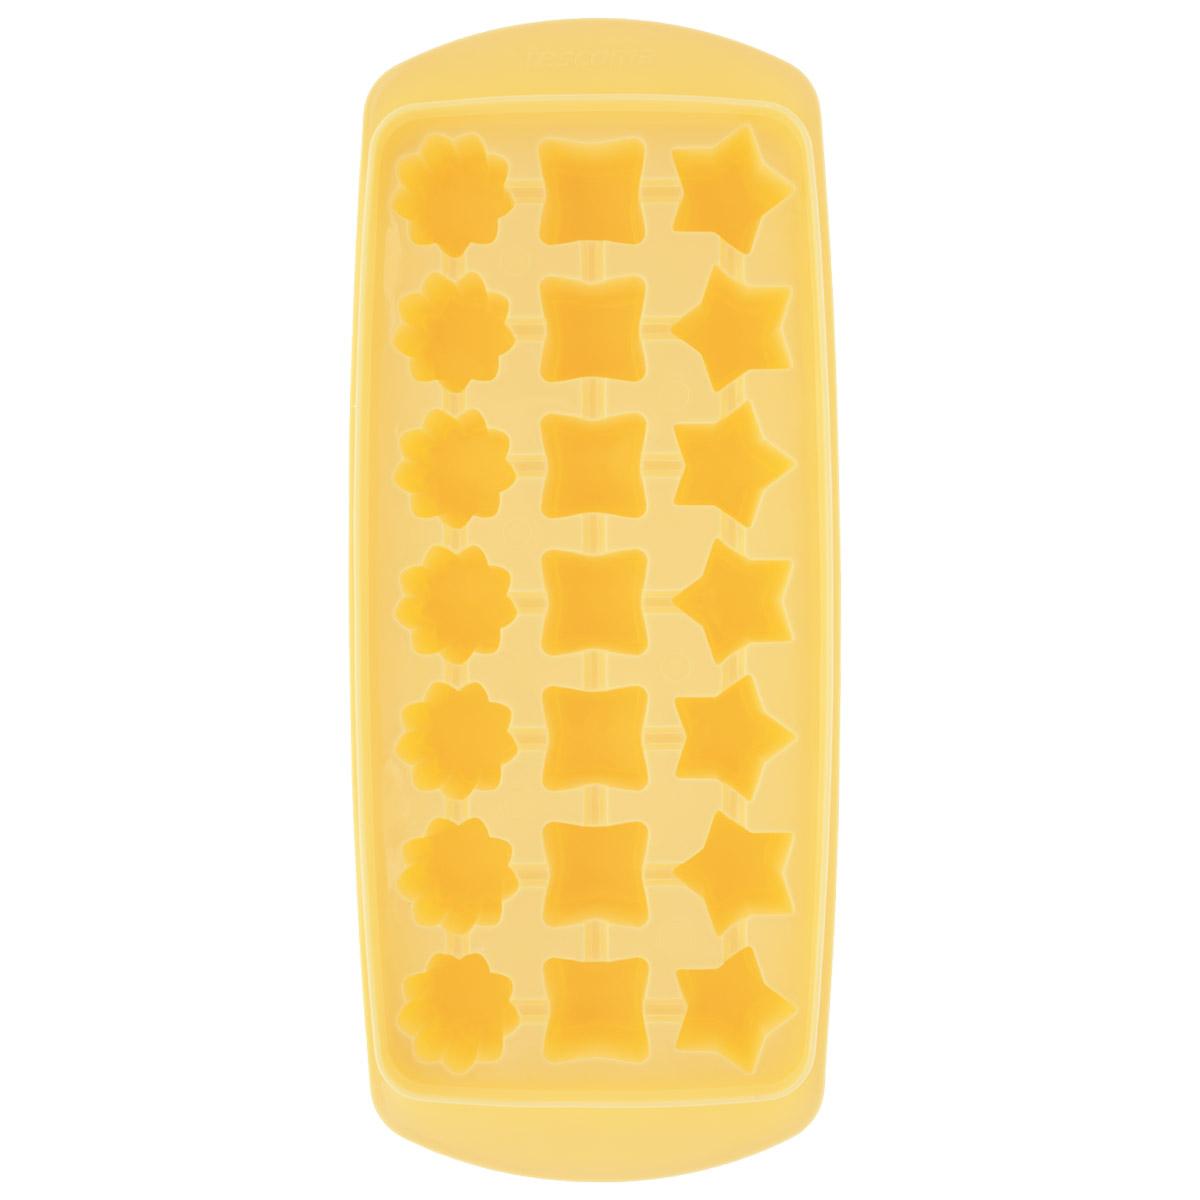 Форма для льда Tescoma Presto, цвет: желтый, 21 ячейка420706 желтыйФорма для льда Tescoma Presto выполнена из прочного пластика. За один раз вы можете приготовить 21 кубик льда в форме звездочки, квадратика или цветочка. Теперь на смену традиционным квадратным пришли новые оригинальные формы для приготовления фигурного льда, которыми можно не только охладить, но и украсить любой напиток. В формочки при заморозке воды можно помещать ягодки, такие льдинки не только оживят коктейль, но и добавят радостного настроения гостям на празднике! Общий размер формы: 27 см х 11,5 см х 3 см. Средний размер ячейки: 2,5 см х 2,5 см. Количество ячеек: 21 шт.